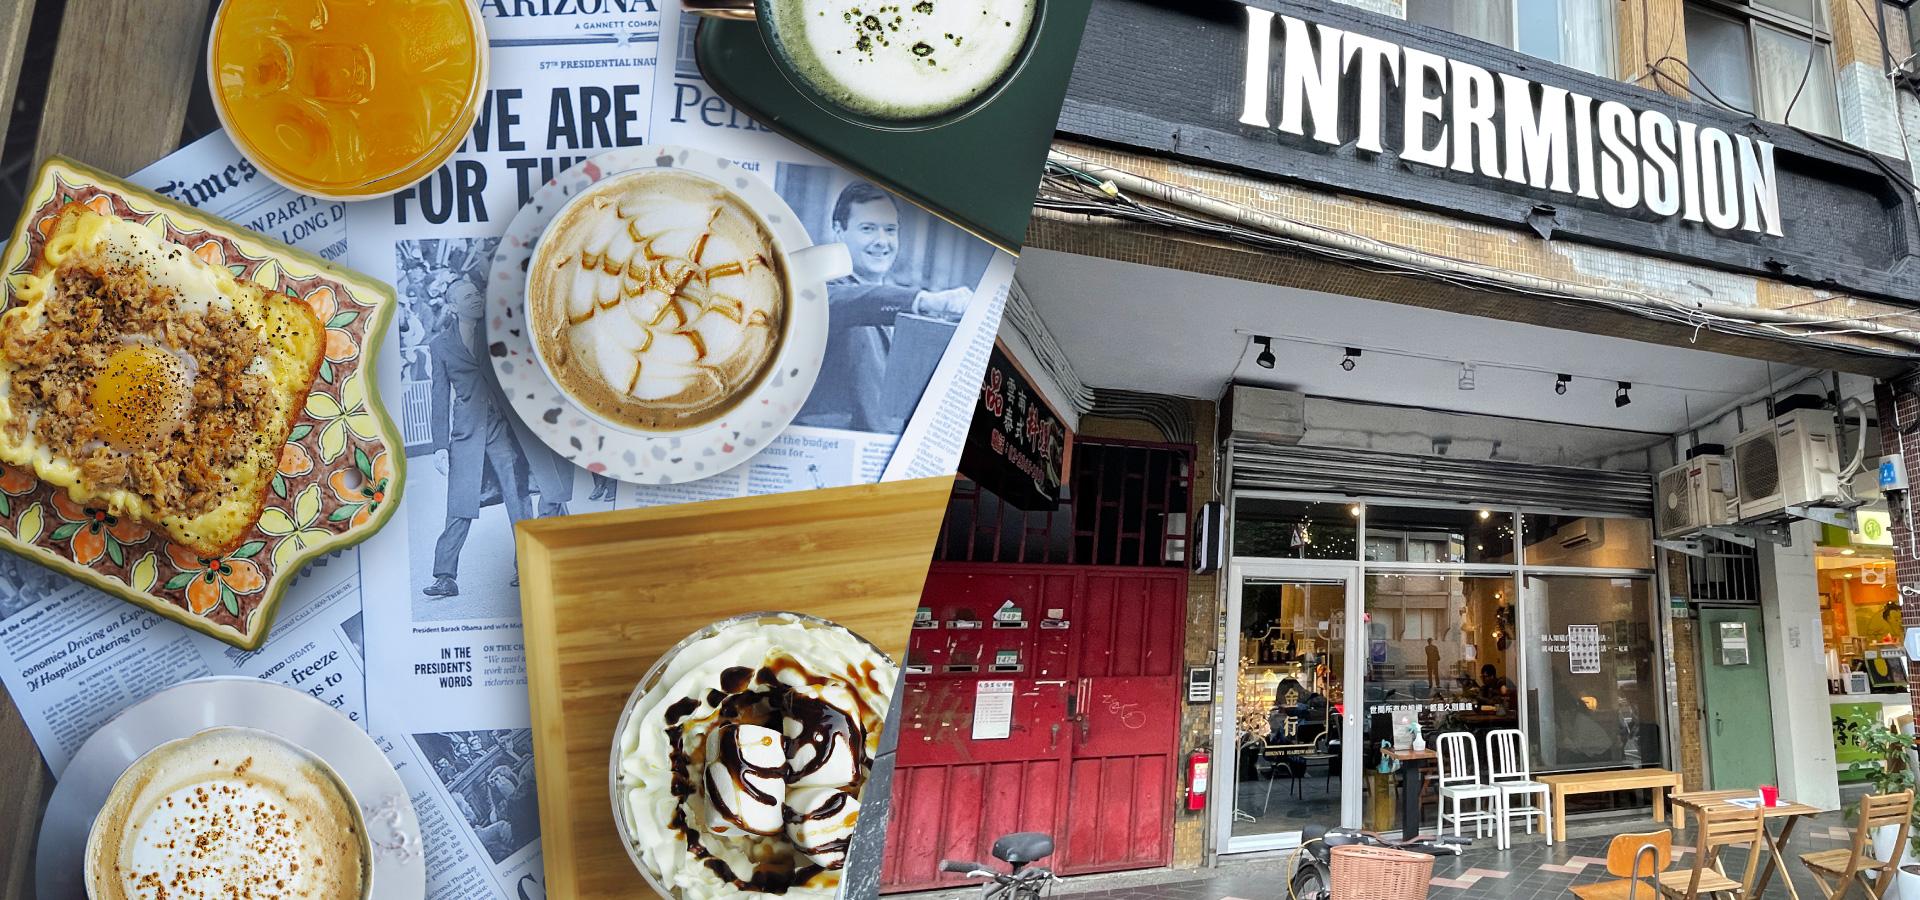 【公館咖啡廳】INTERMISSION 中場休息 Cafe:文青秘密基地,乳酪蛋糕和厚片超神!入座手機點餐-ume掃碼點餐